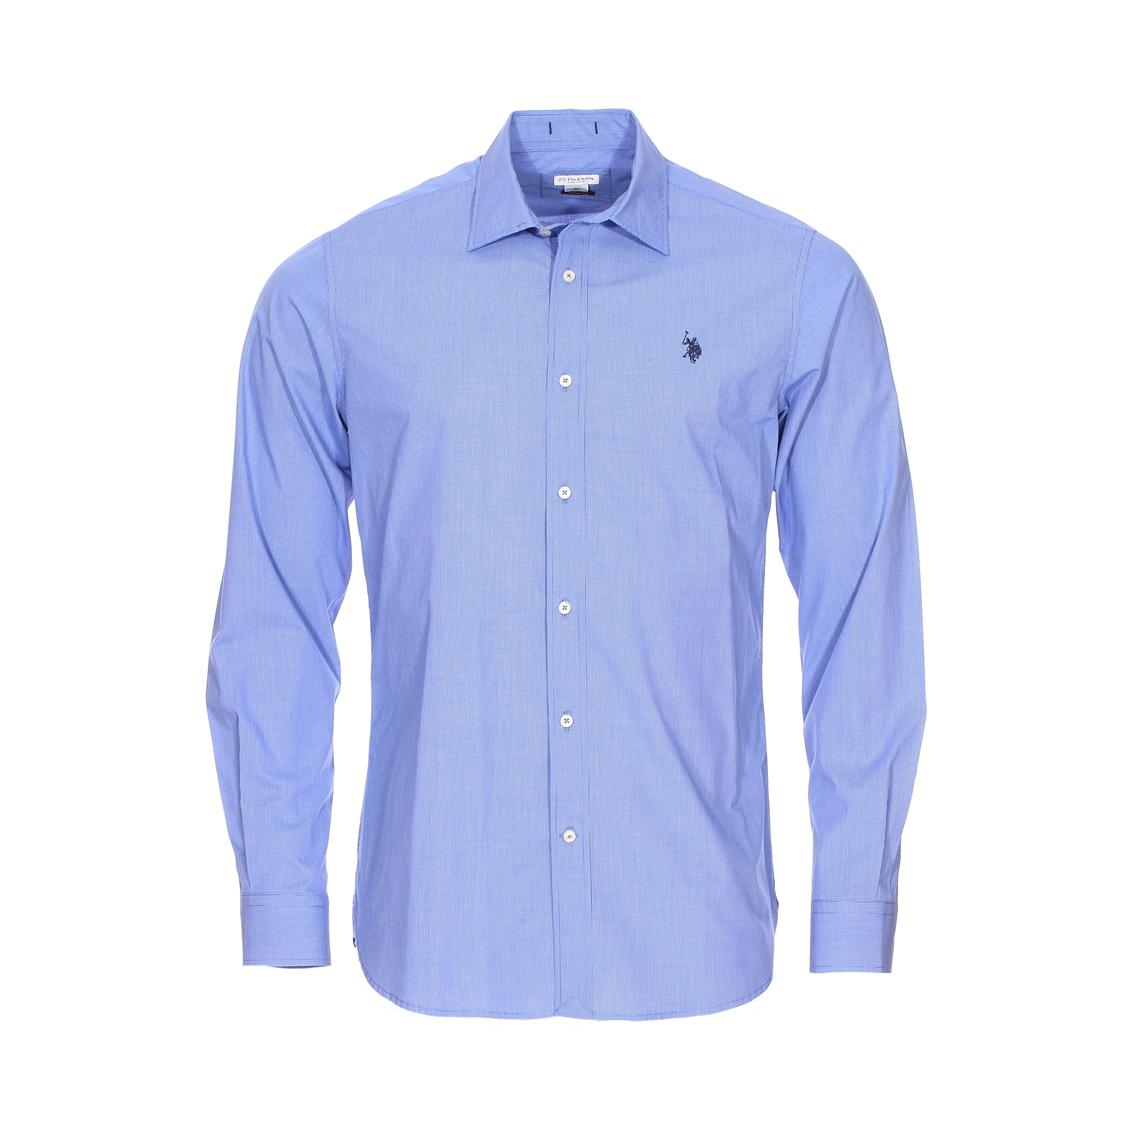 Chemise cintrée U.S. Polo Assn. en coton à petits carreaux bleus et blancs